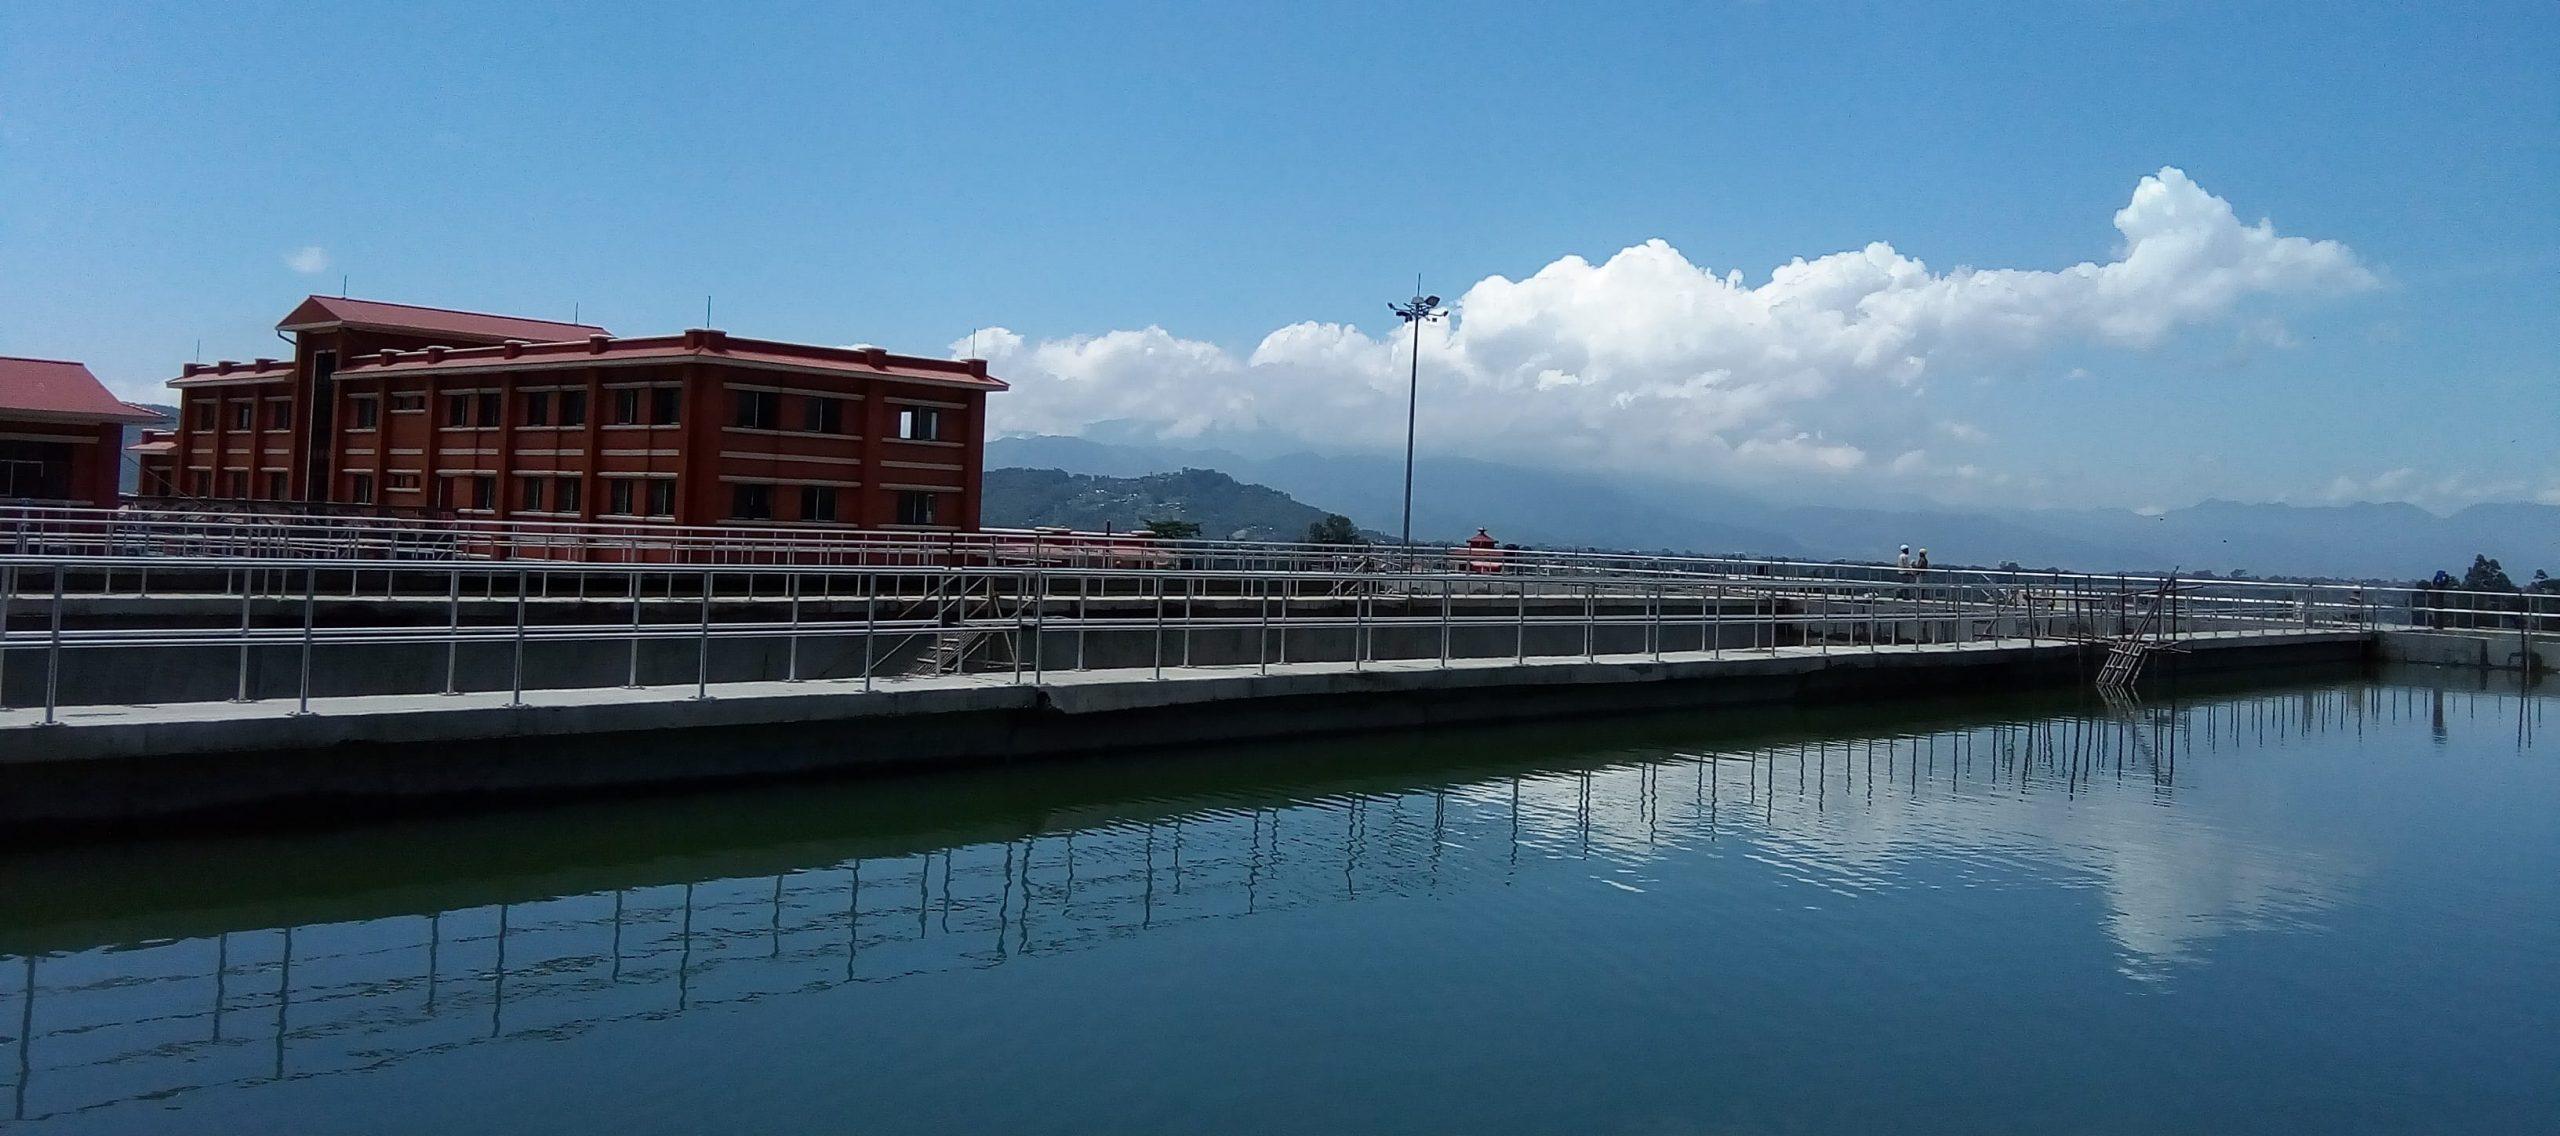 आजदेखि काठमाण्डुका धारामा मेलम्चीको पानी